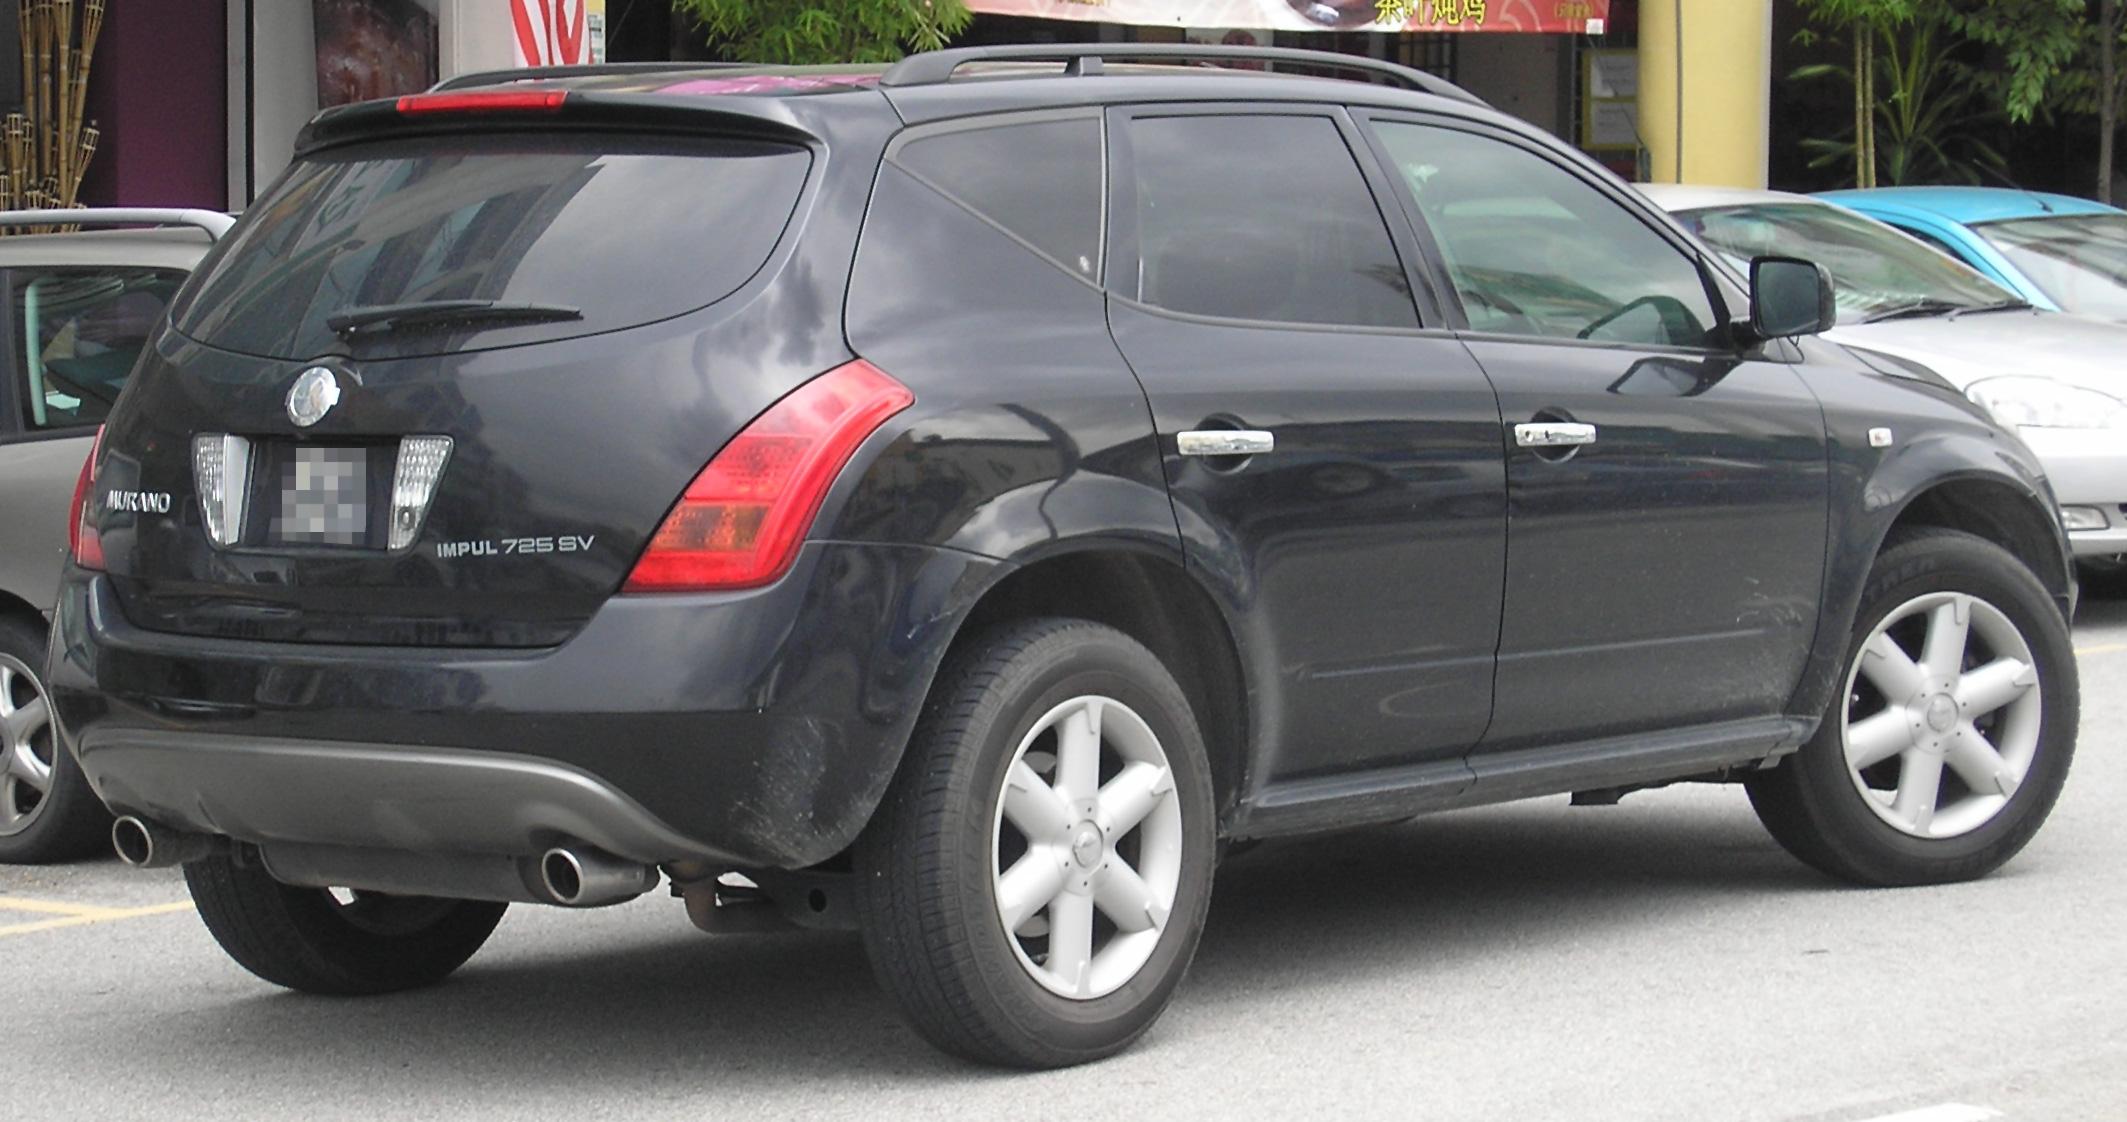 2007 Nissan Murano Image 14